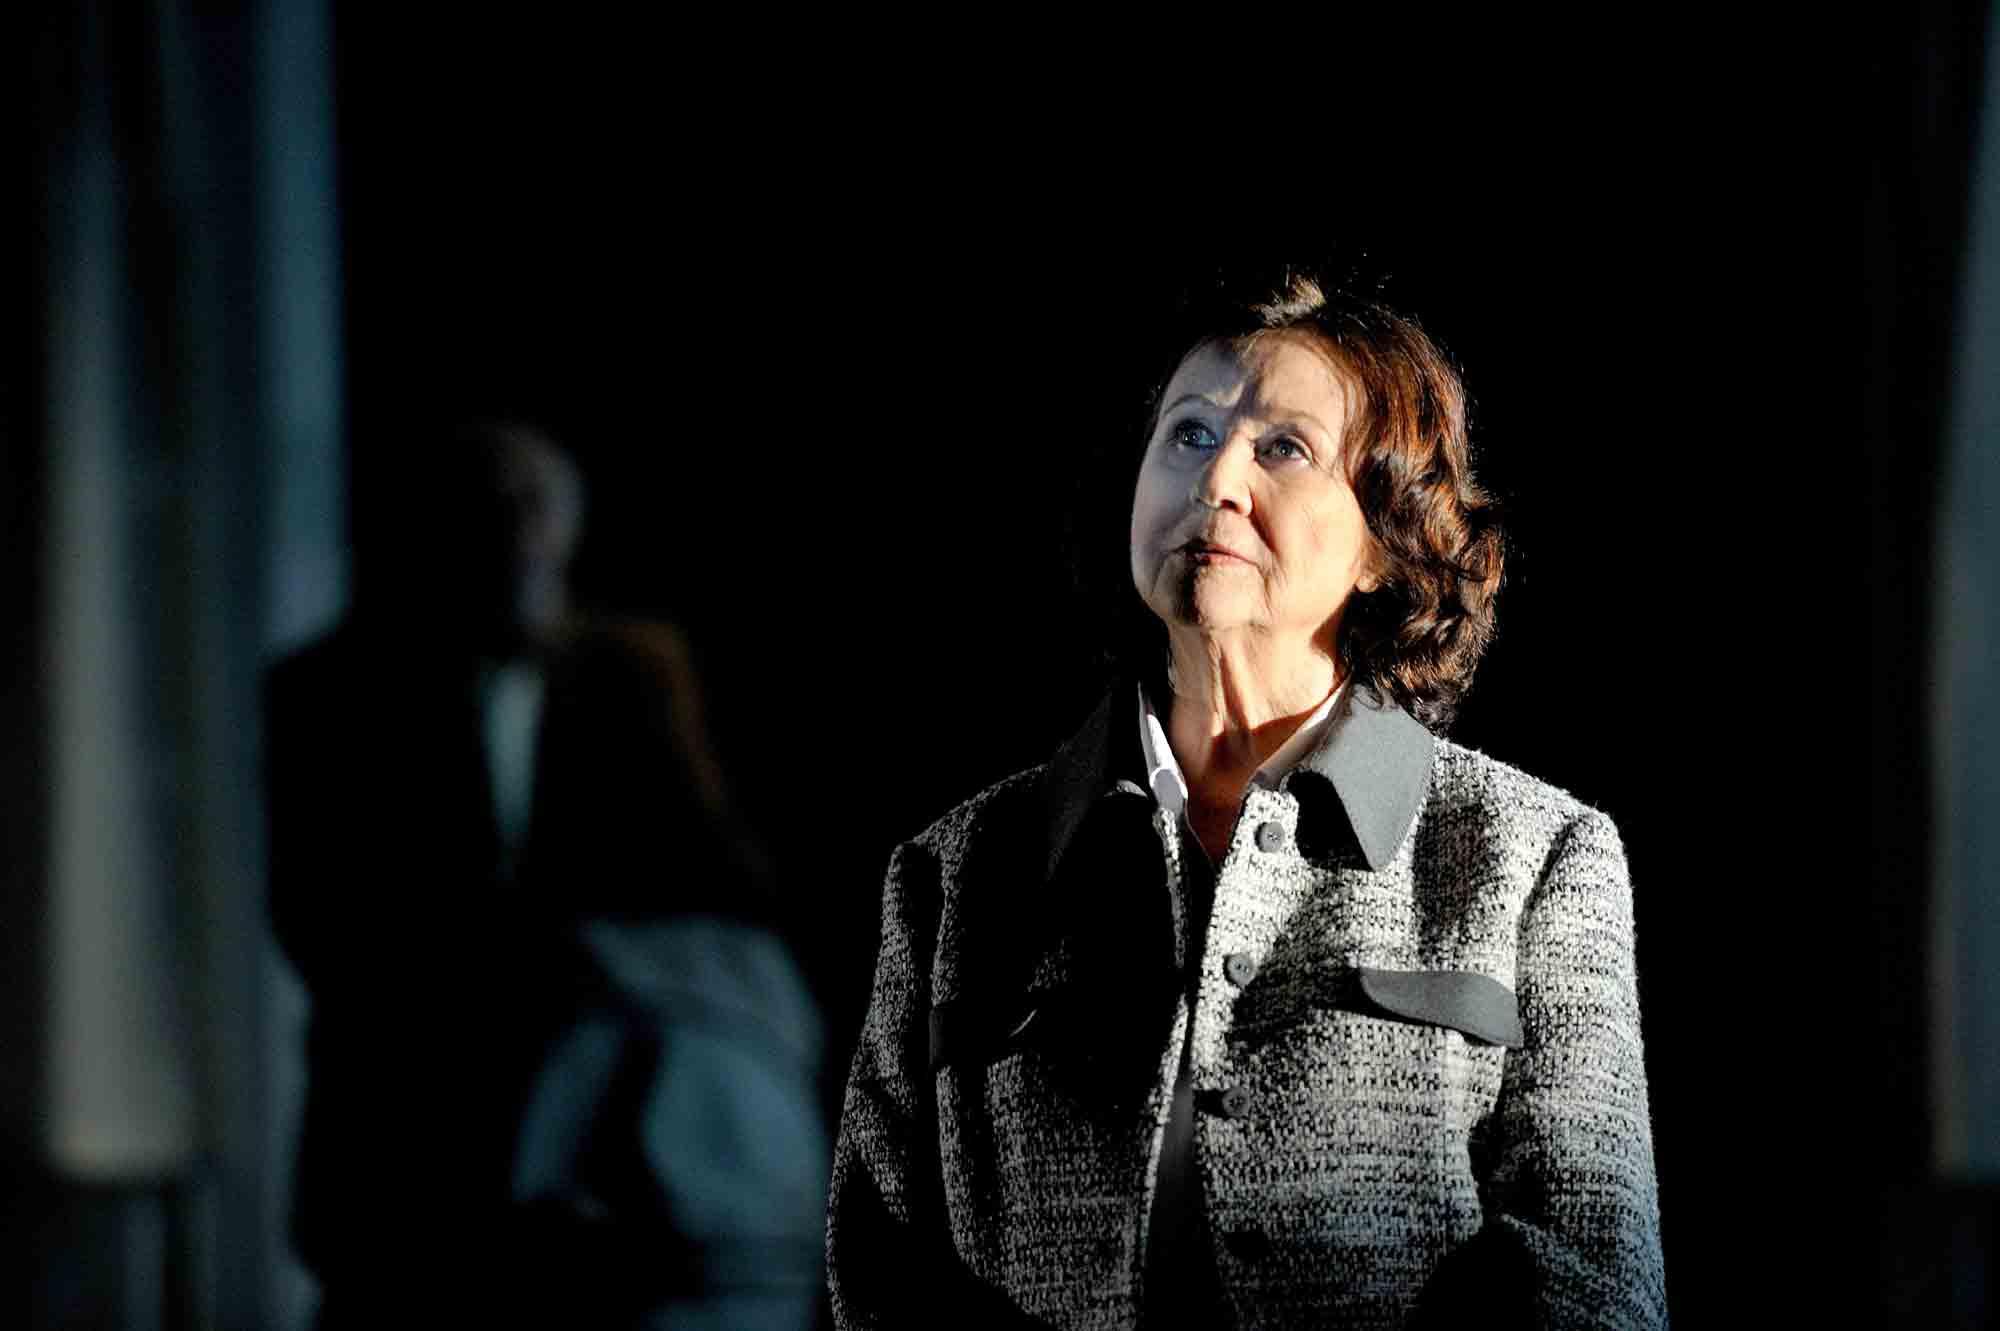 """Fotografia d'escena de David Ruano de """"La sonrisa etrusca"""", amb Julieta Serrano,Teatro Bellas Artes de Madrid, 2011. Col·lecció fotogràfica del MAE"""